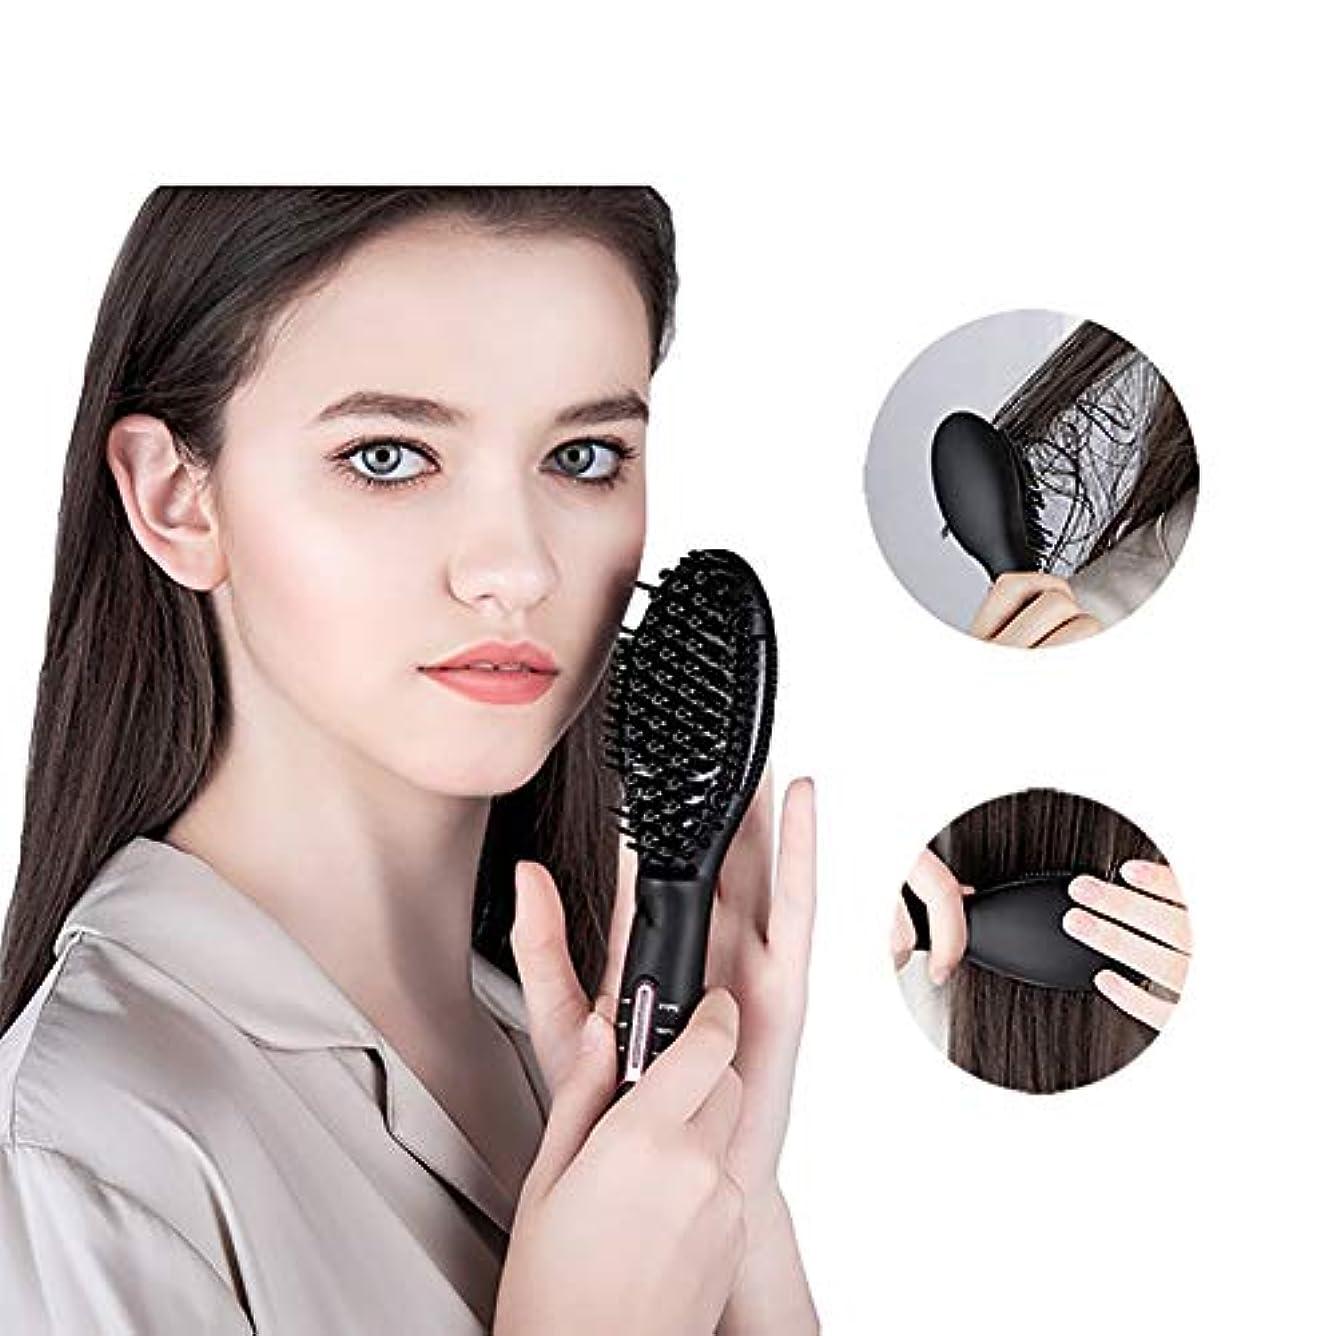 パステル廃棄するだろう多機能ヘアコーム、男性と女性のためのストレートの髪とウェットくし、360°アンチ火傷デザインインテリジェント温度制御